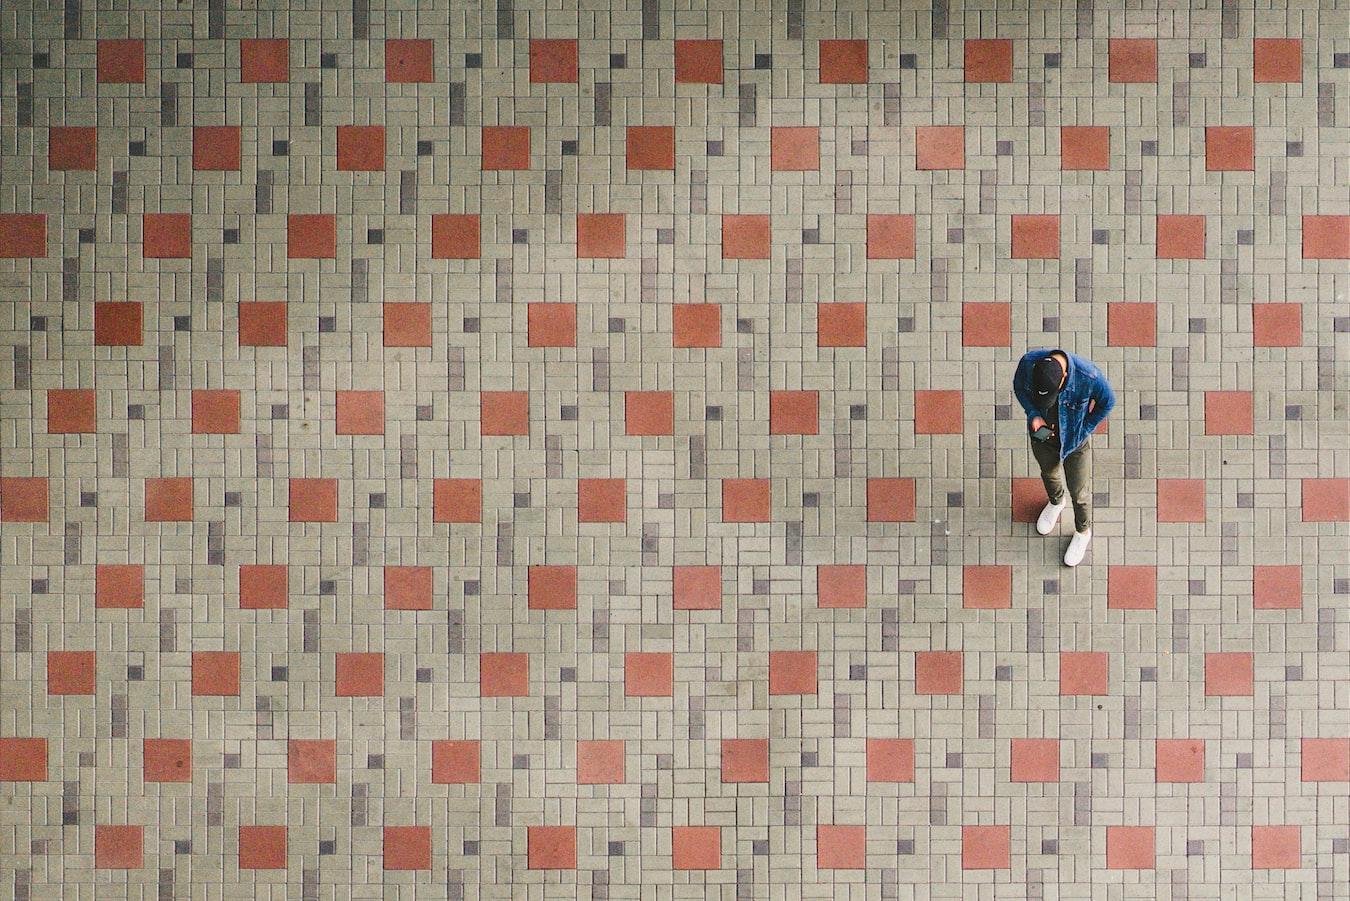 photo 1515179314943 a93af721c8d9?ixlib=rb 1.2 - Como fazer paginação de pisos e parede